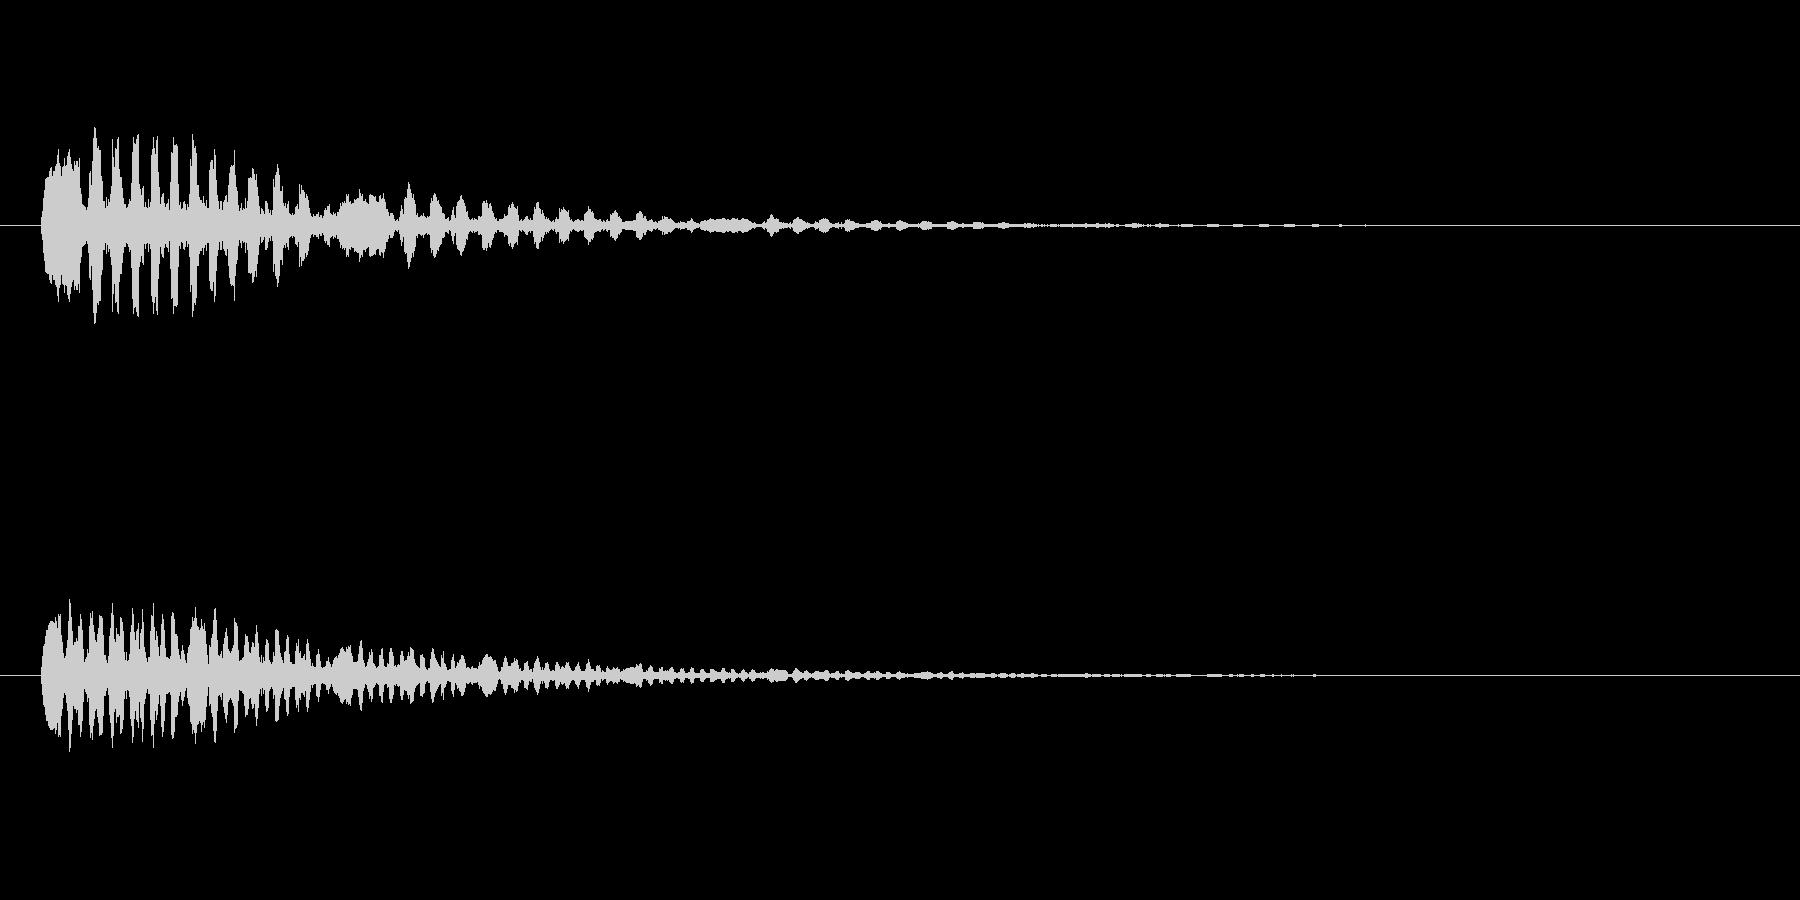 鳥のつぶやき、鳴き声などの音 SE2の未再生の波形